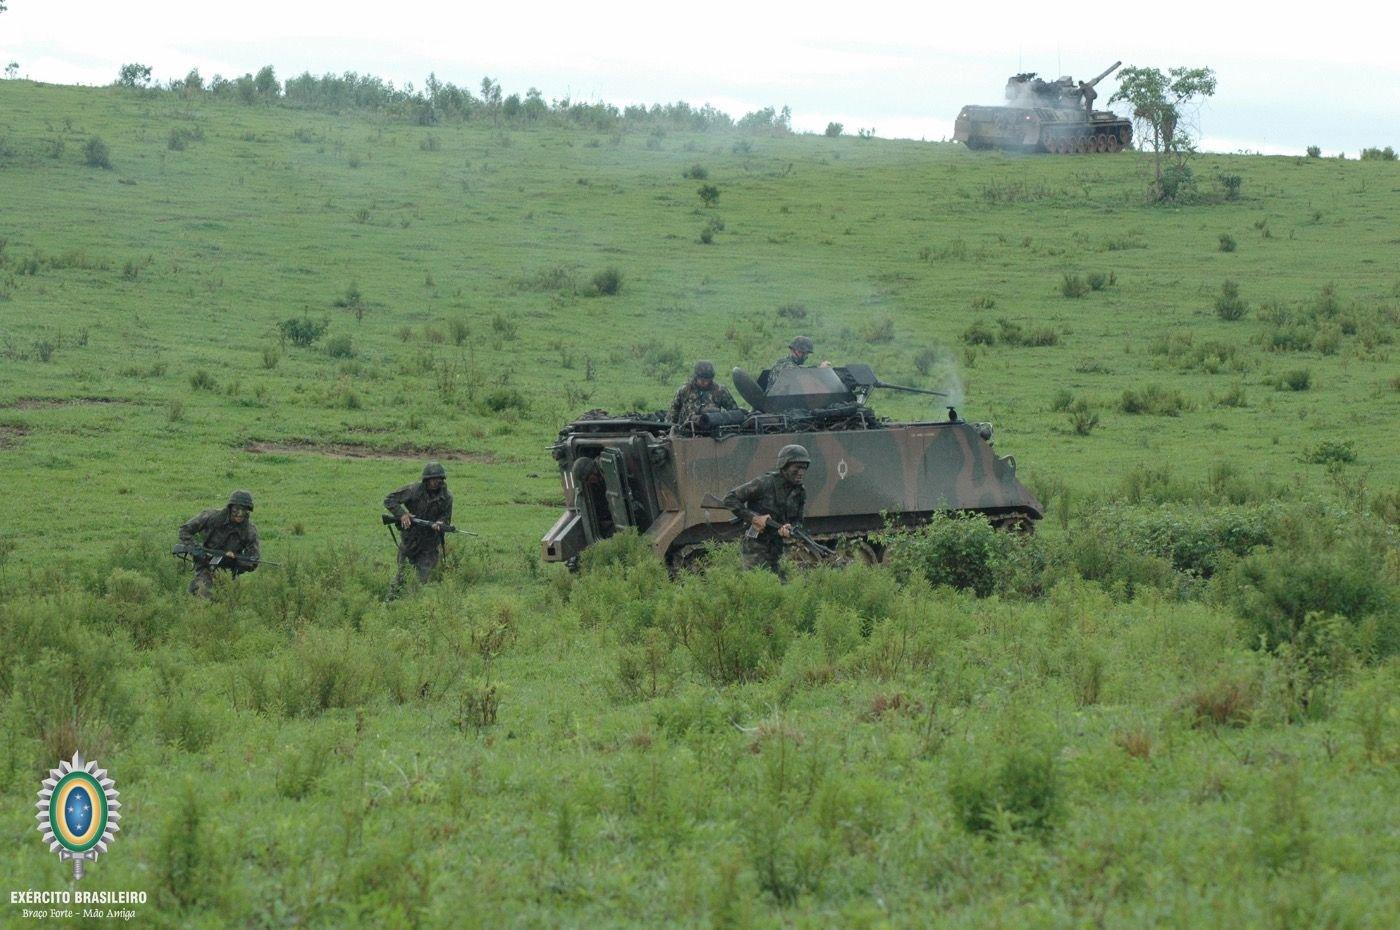 Los nuevos vehículos blindados que se incorporarán a la flota del Ejército de Brasil son 34 vehículos M577A2 de puestos de comando, 12 vehículos de transporte de personal y cuatro vehículos M88A1 de recuperación. (Foto: Ejército de Brasil)